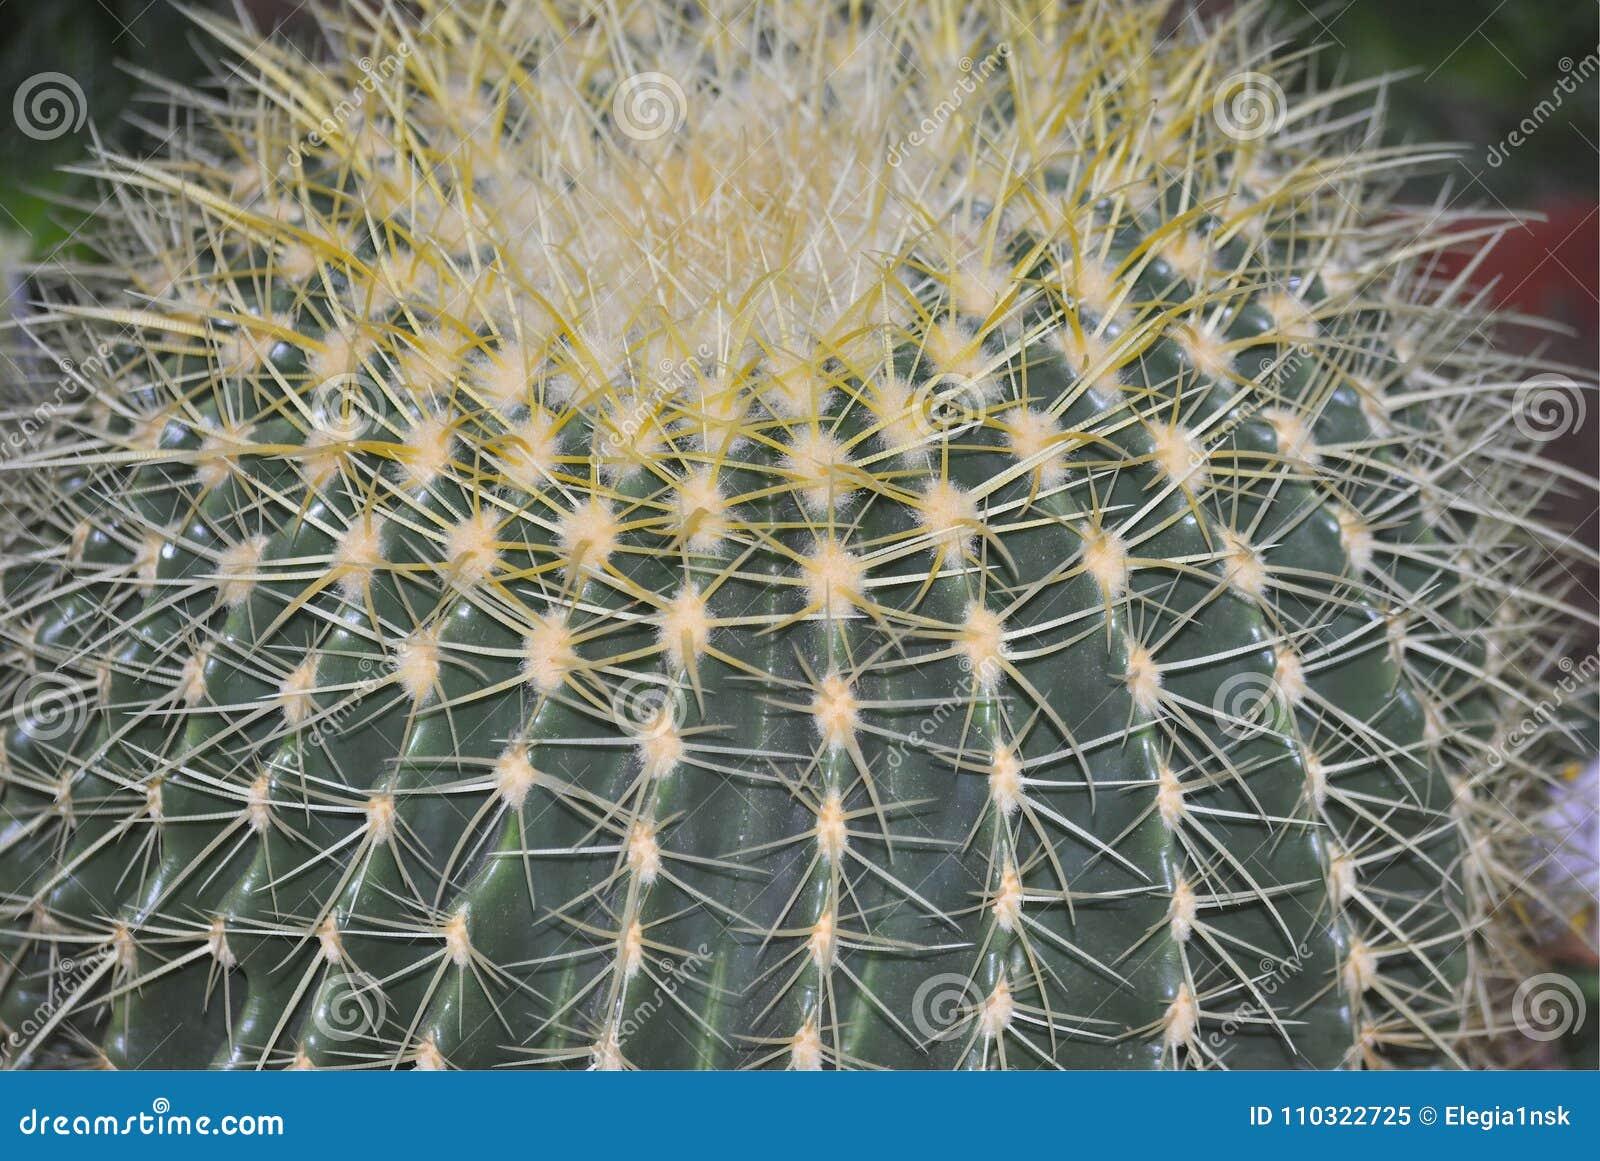 Ciérrese para arriba del cactus de barril de oro